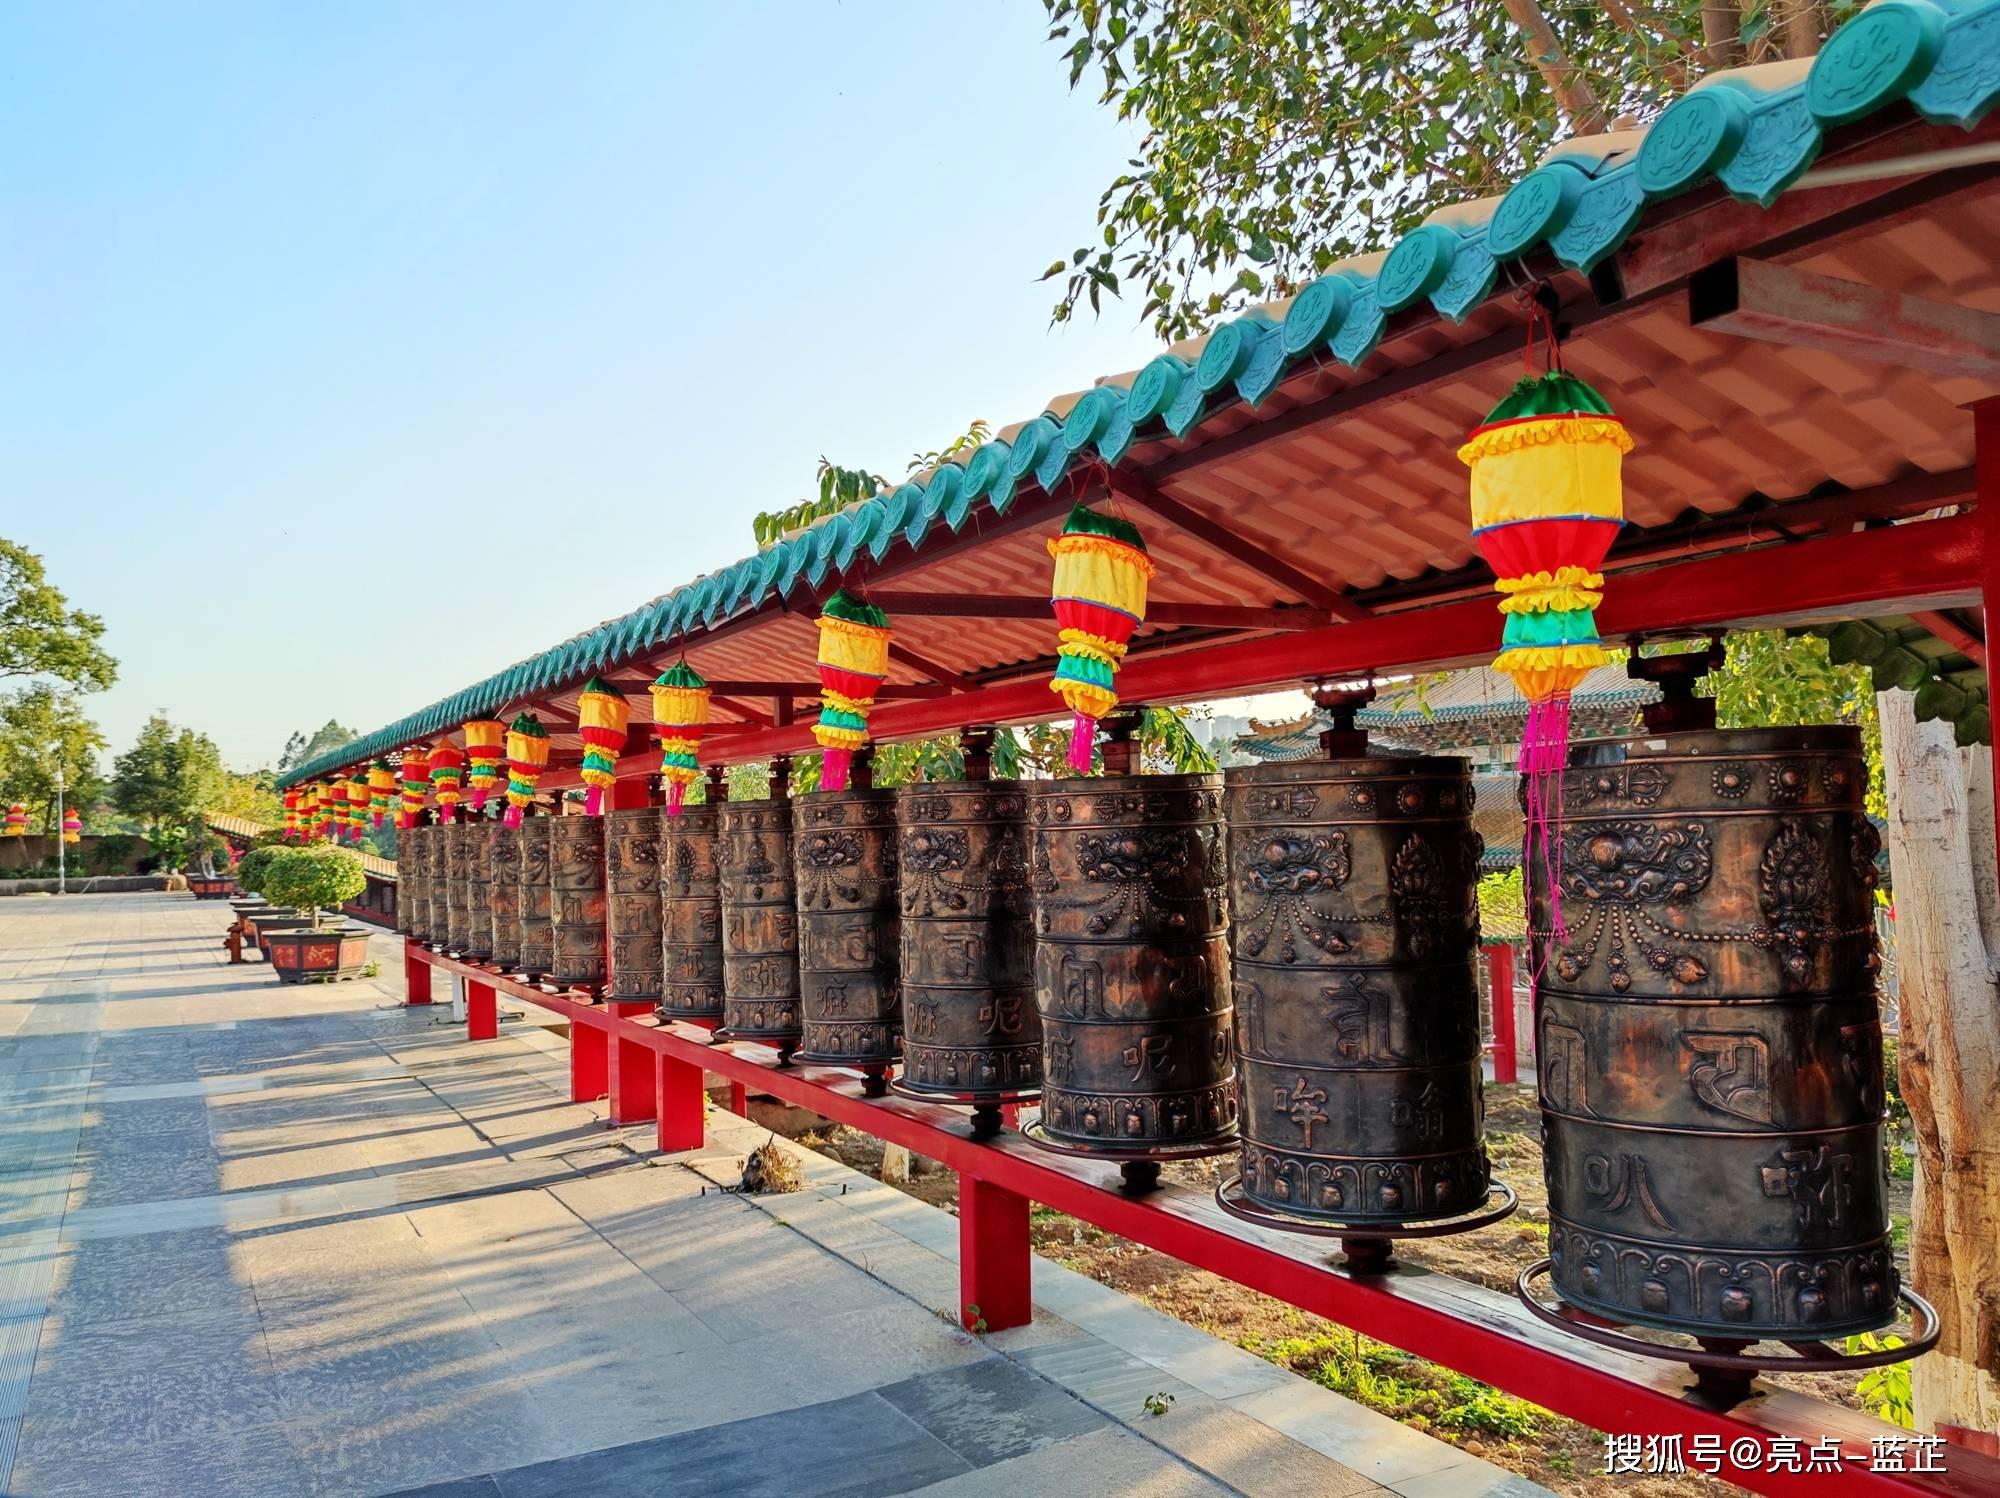 了不起的梅山寺,拥有两个国内之最——石质山门、缅甸白玉佛像  第9张